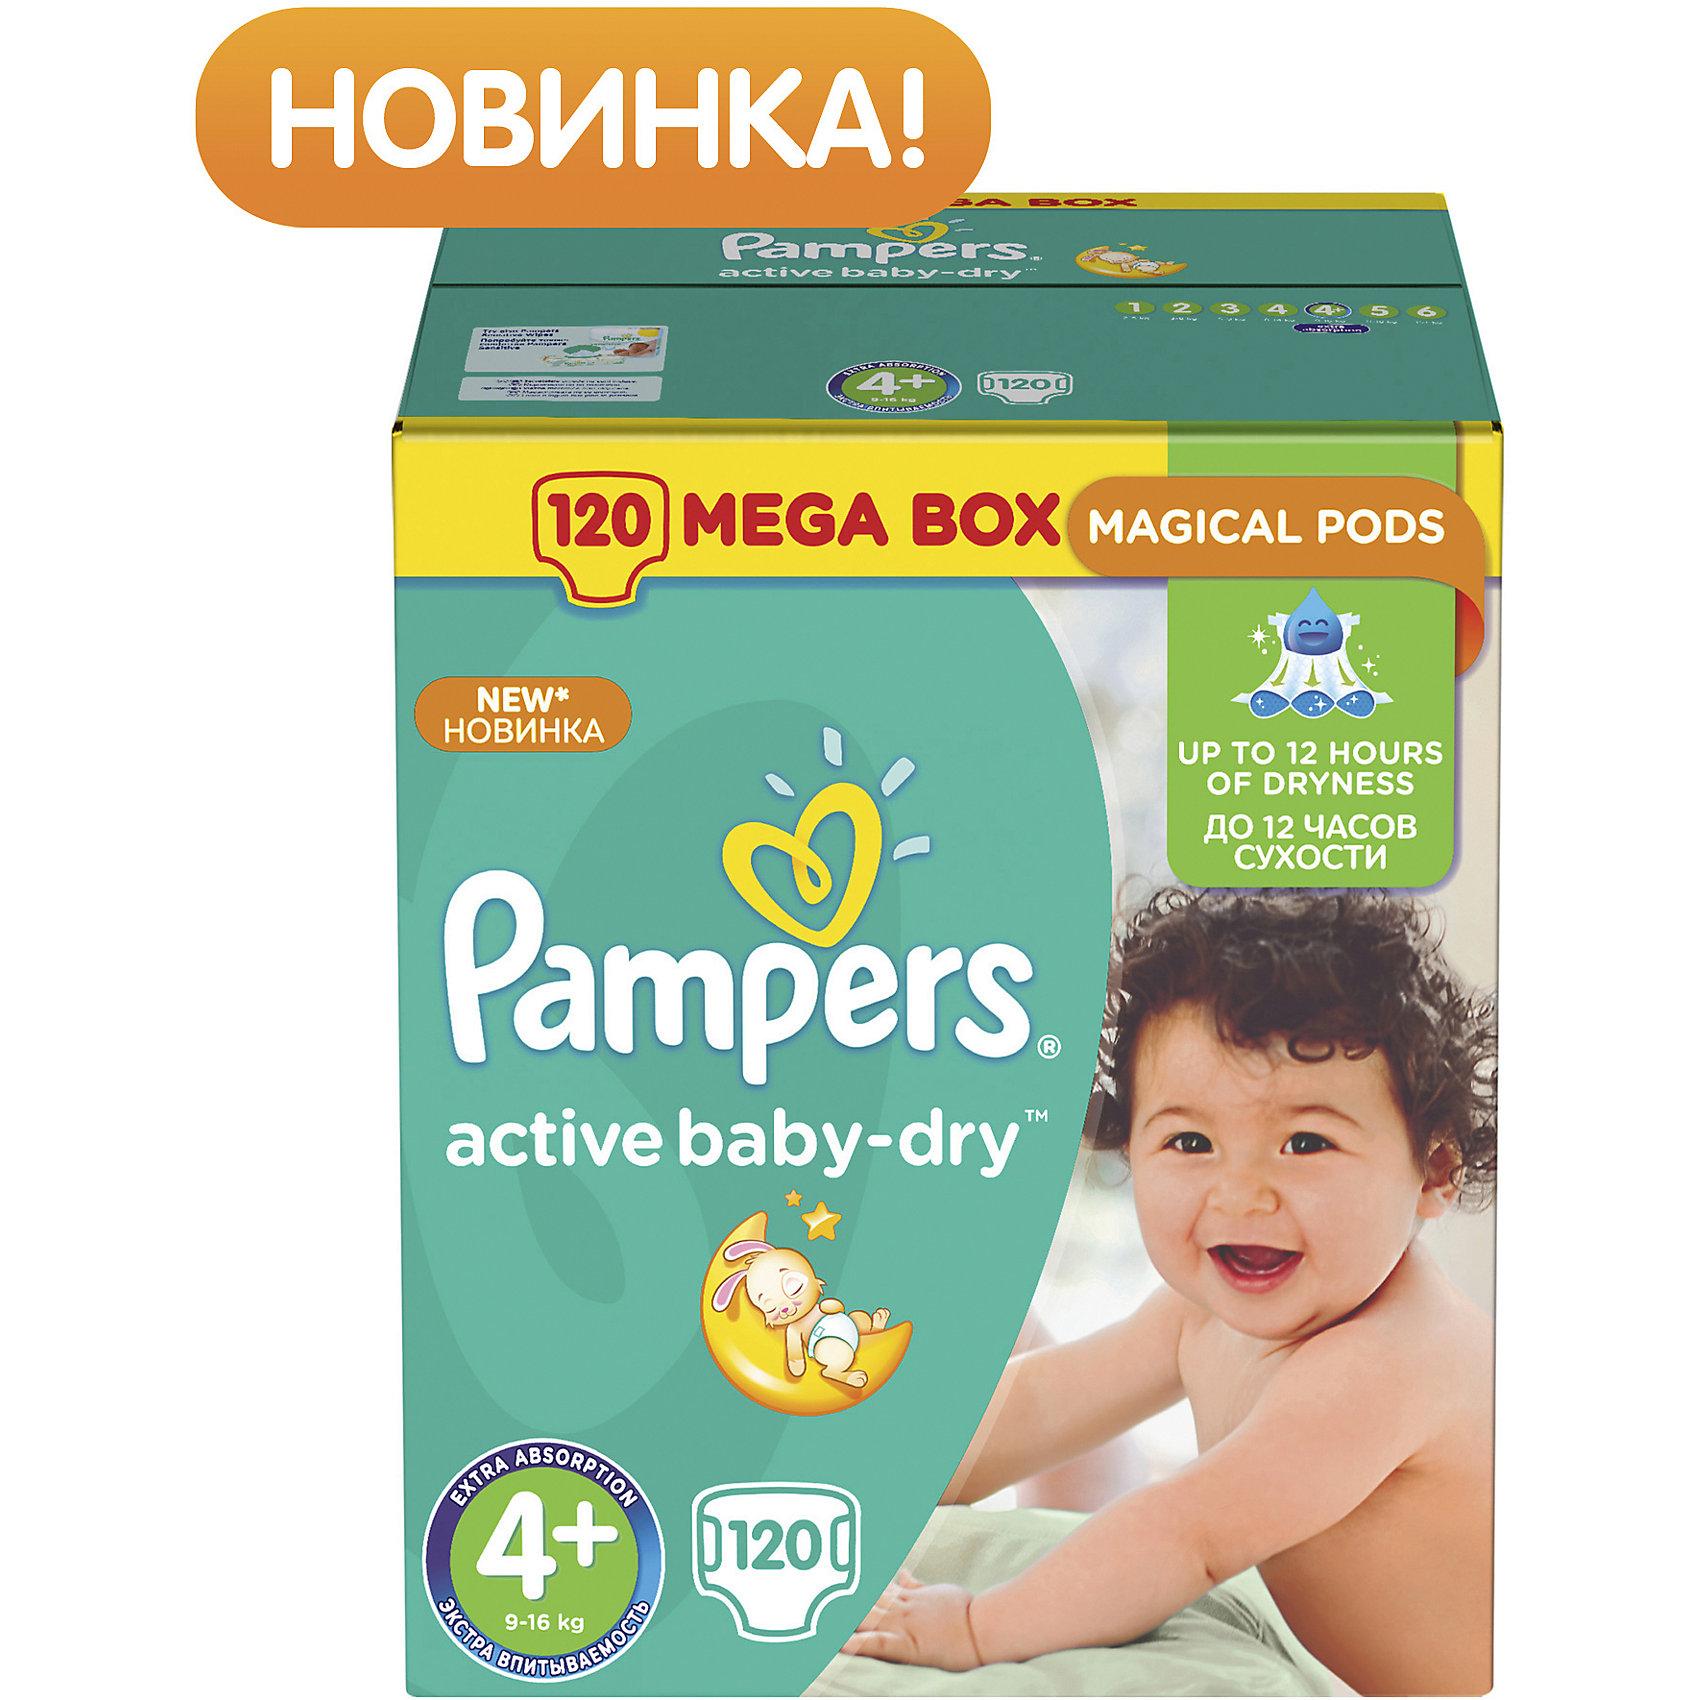 Подгузники Pampers Active Baby-Dry, 9-16 кг, 4+ размер, 120 шт., PampersПодгузники классические<br>Характеристики:<br><br>• Пол: универсальный<br>• Тип подгузника: одноразовый<br>• Коллекция: Active Baby-Dry<br>• Предназначение: для использования в любое время суток <br>• Размер: 4+<br>• Вес ребенка: от 9 до 16 кг<br>• Количество в упаковке: 120 шт.<br>• Упаковка: картонная коробка<br>• Размер упаковки: 35,7*23,6*38 см<br>• Вес в упаковке: 4 кг 380 г<br>• Эластичные застежки-липучки<br>• Быстро впитывающий слой<br>• Мягкий верхний слой<br>• Сохранение сухости в течение 12-ти часов<br><br>Подгузники Pampers Active Baby-Dry, 9-16 кг, 4+ размер, 120 шт., Pampers – это линейка классических детских подгузников от Pampers, которая сочетает в себе качество и безопасность материалов, удобство использования и комфорт для нежной кожи малыша. Подгузники предназначены для детей весом до 16 кг. Инновационные технологии и современные материалы обеспечивают этим подгузникам Дышащие свойства, что особенно важно для кожи малыша. <br><br>Впитывающие свойства изделию обеспечивает уникальный слой, состоящий из жемчужных микрогранул. У подгузников предусмотрена эластичная мягкая резиночка на спинке. Широкие липучки с двух сторон обеспечивают надежную фиксацию. Подгузник имеет мягкий верхний слой, который обеспечивает не только комфорт, но и защищает кожу ребенка от раздражений. Подгузник подходит как для мальчиков, так и для девочек. <br><br>Подгузники Pampers Active Baby-Dry, 9-16 кг, 4+ размер, 120 шт., Pampers можно купить в нашем интернет-магазине.<br><br>Ширина мм: 357<br>Глубина мм: 236<br>Высота мм: 380<br>Вес г: 438<br>Возраст от месяцев: 6<br>Возраст до месяцев: 24<br>Пол: Унисекс<br>Возраст: Детский<br>SKU: 5419089